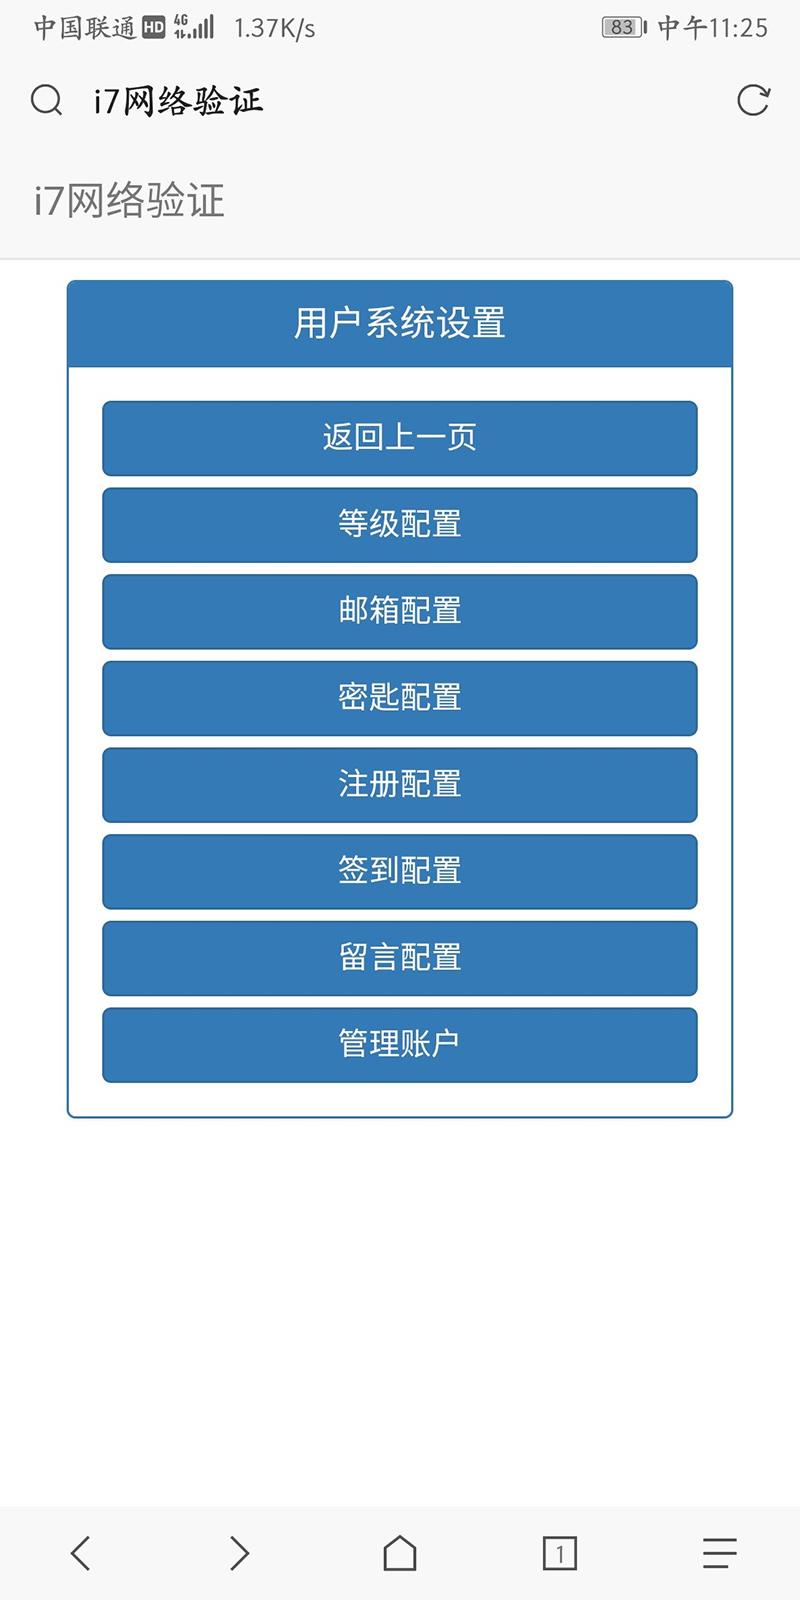 【网络验证系统】I7管理后台V2.0授权验证系统内测BUG修复版源码-找主题源码